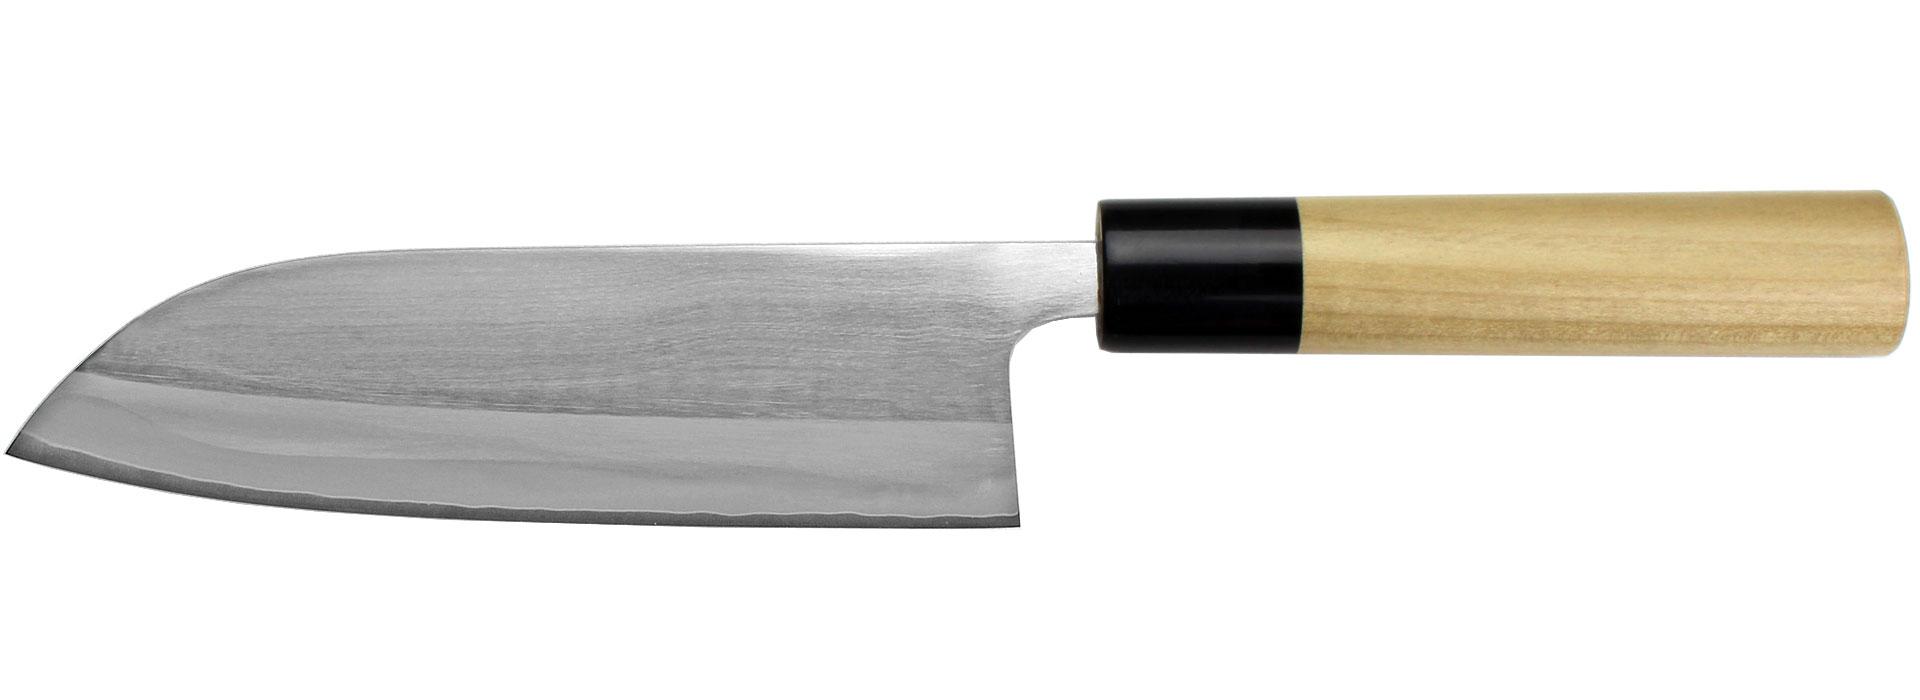 Japanische Küchenmesser aus pulvermetallurgischem Stahl